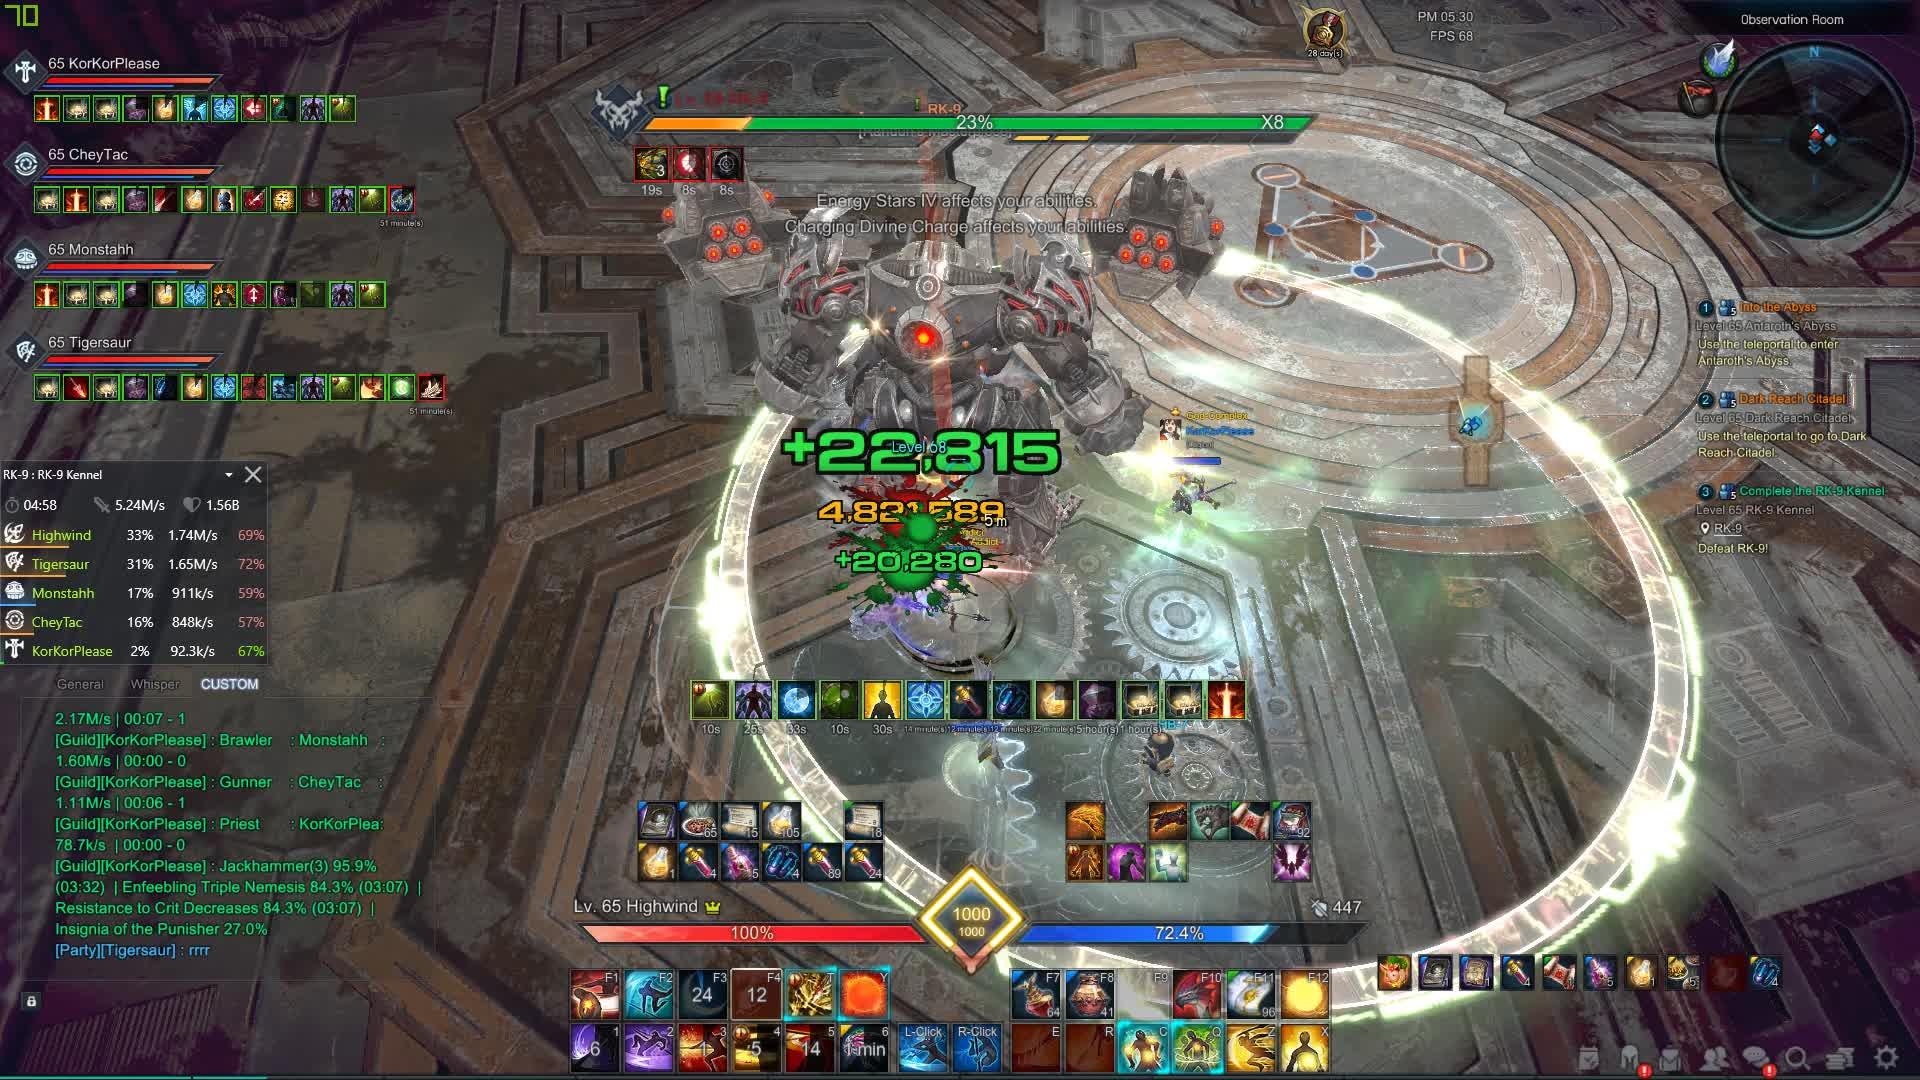 World of Warcraft, tera, Tera 2018.11.25 - 17.25.21.02 GIFs